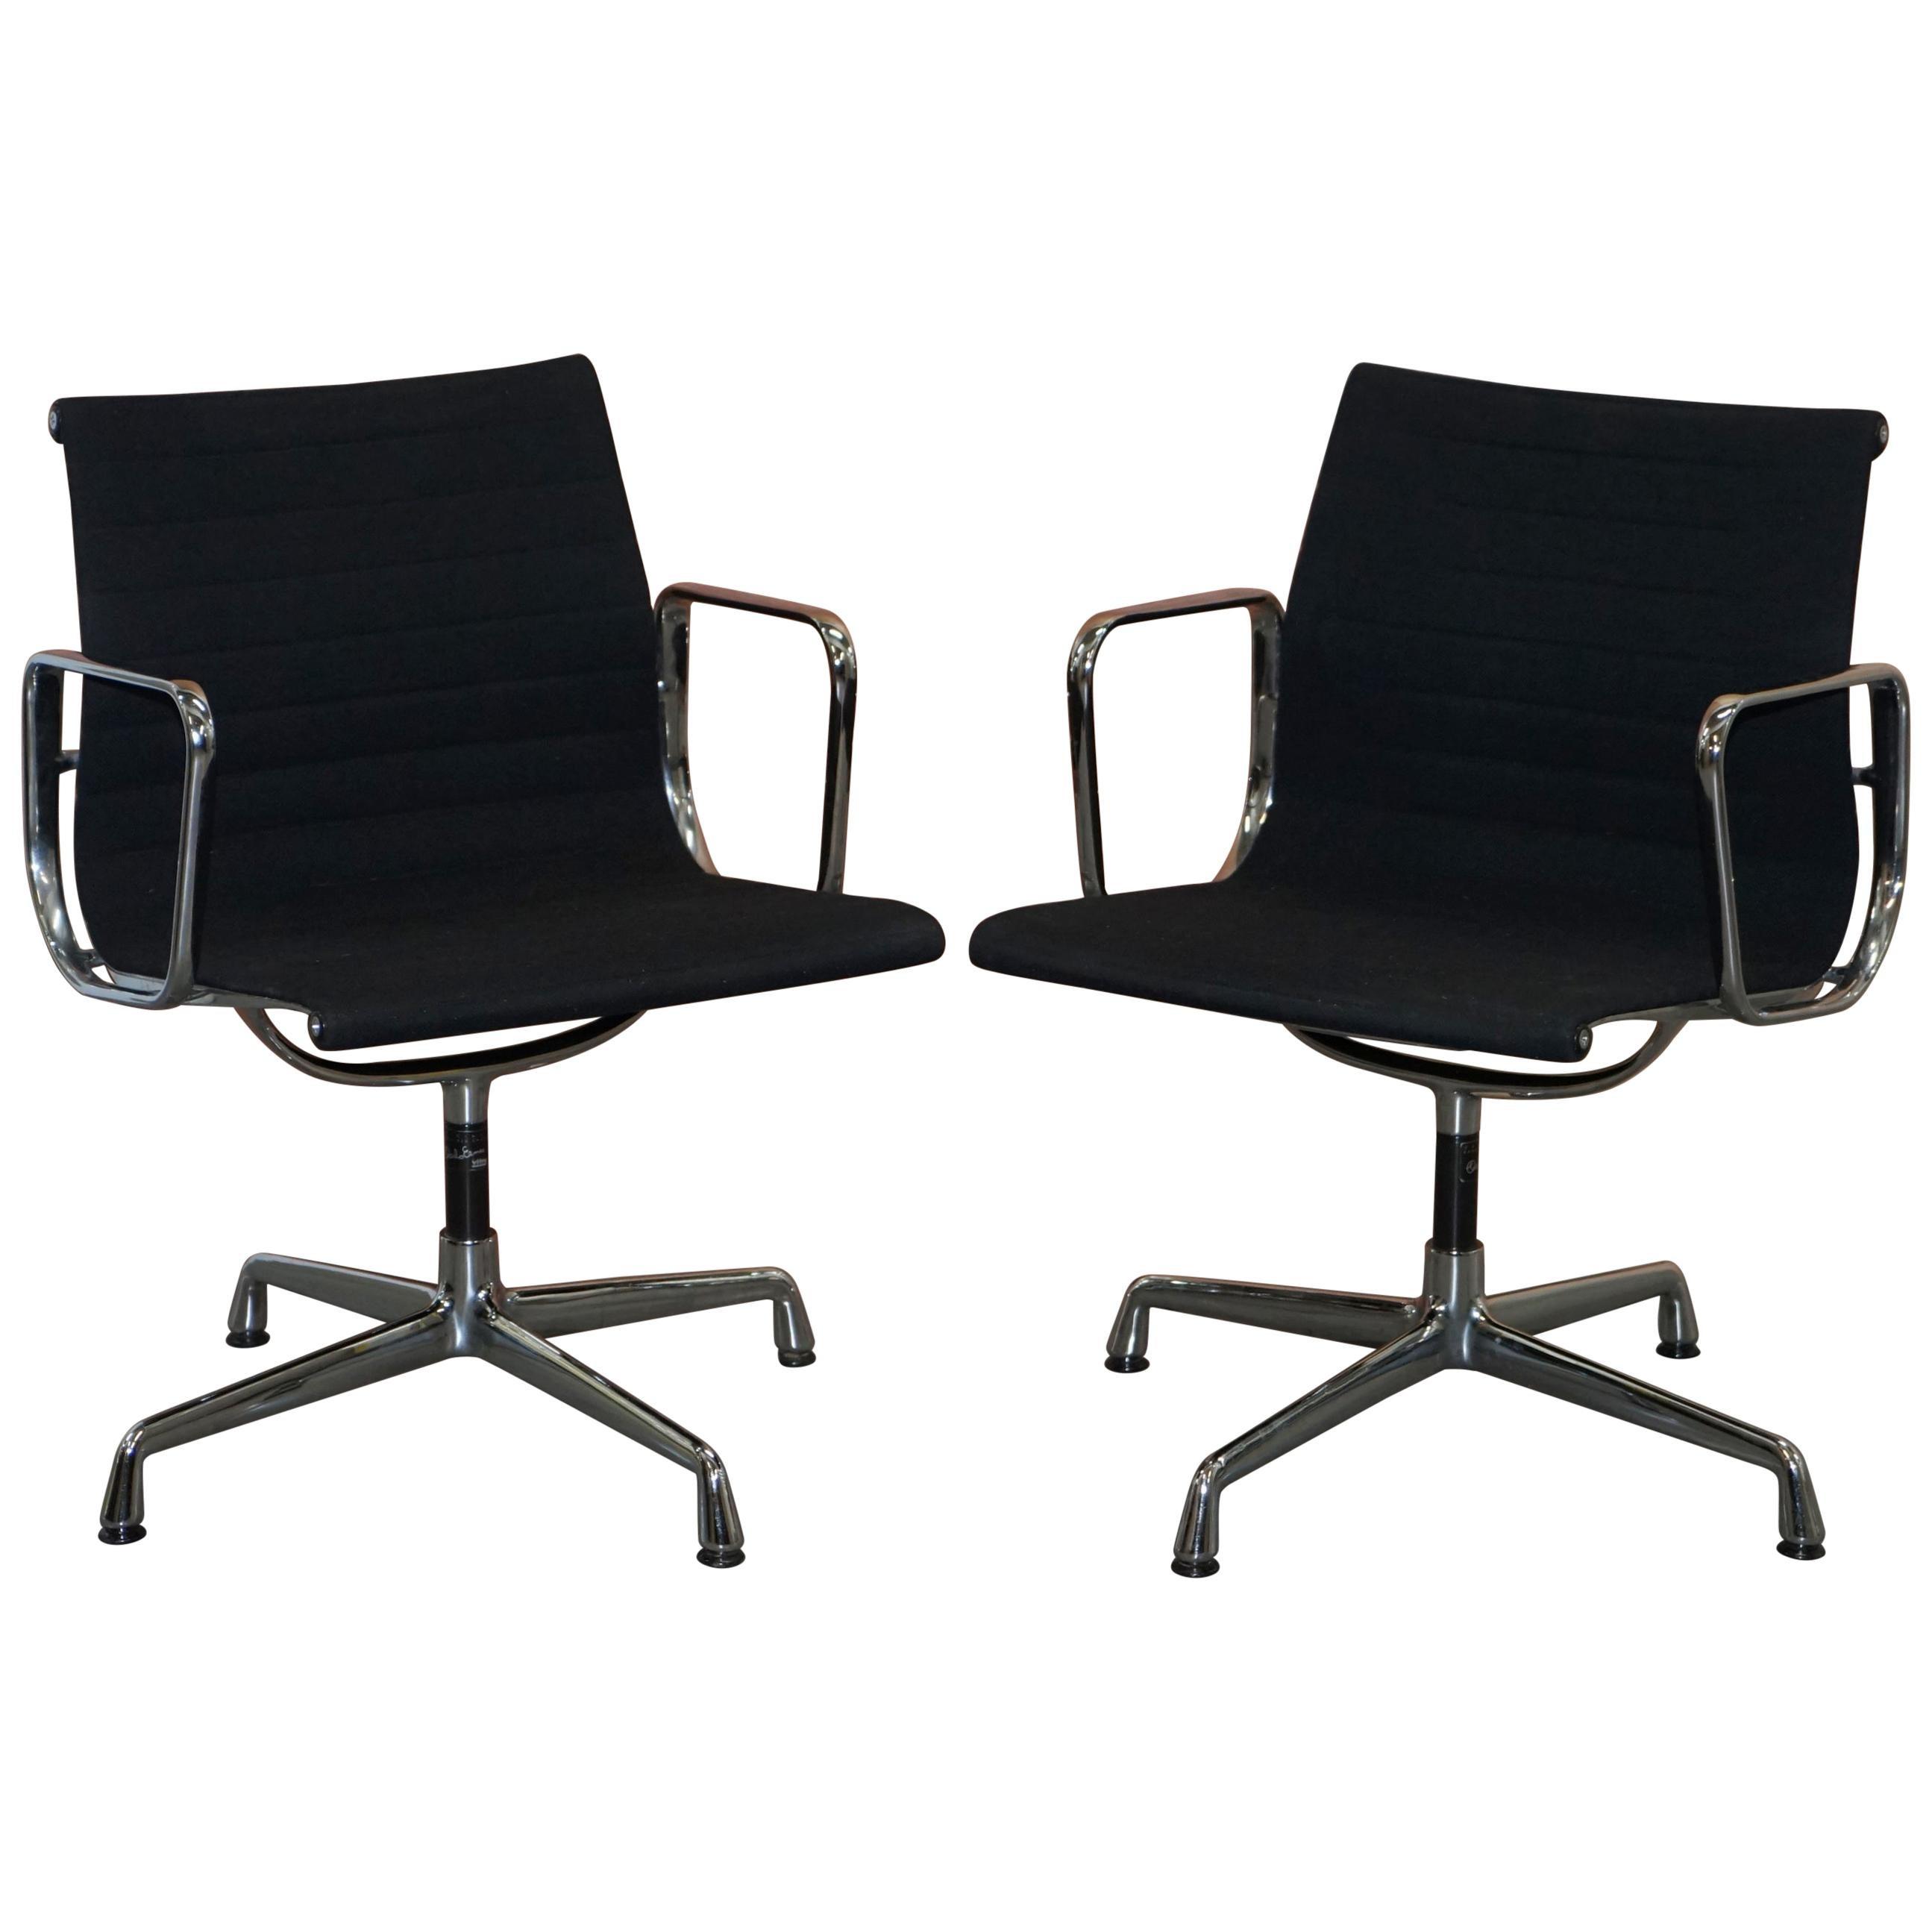 1 of 2 Original Vitra Eames EA 108 Hopsak Swivel Office Chairs